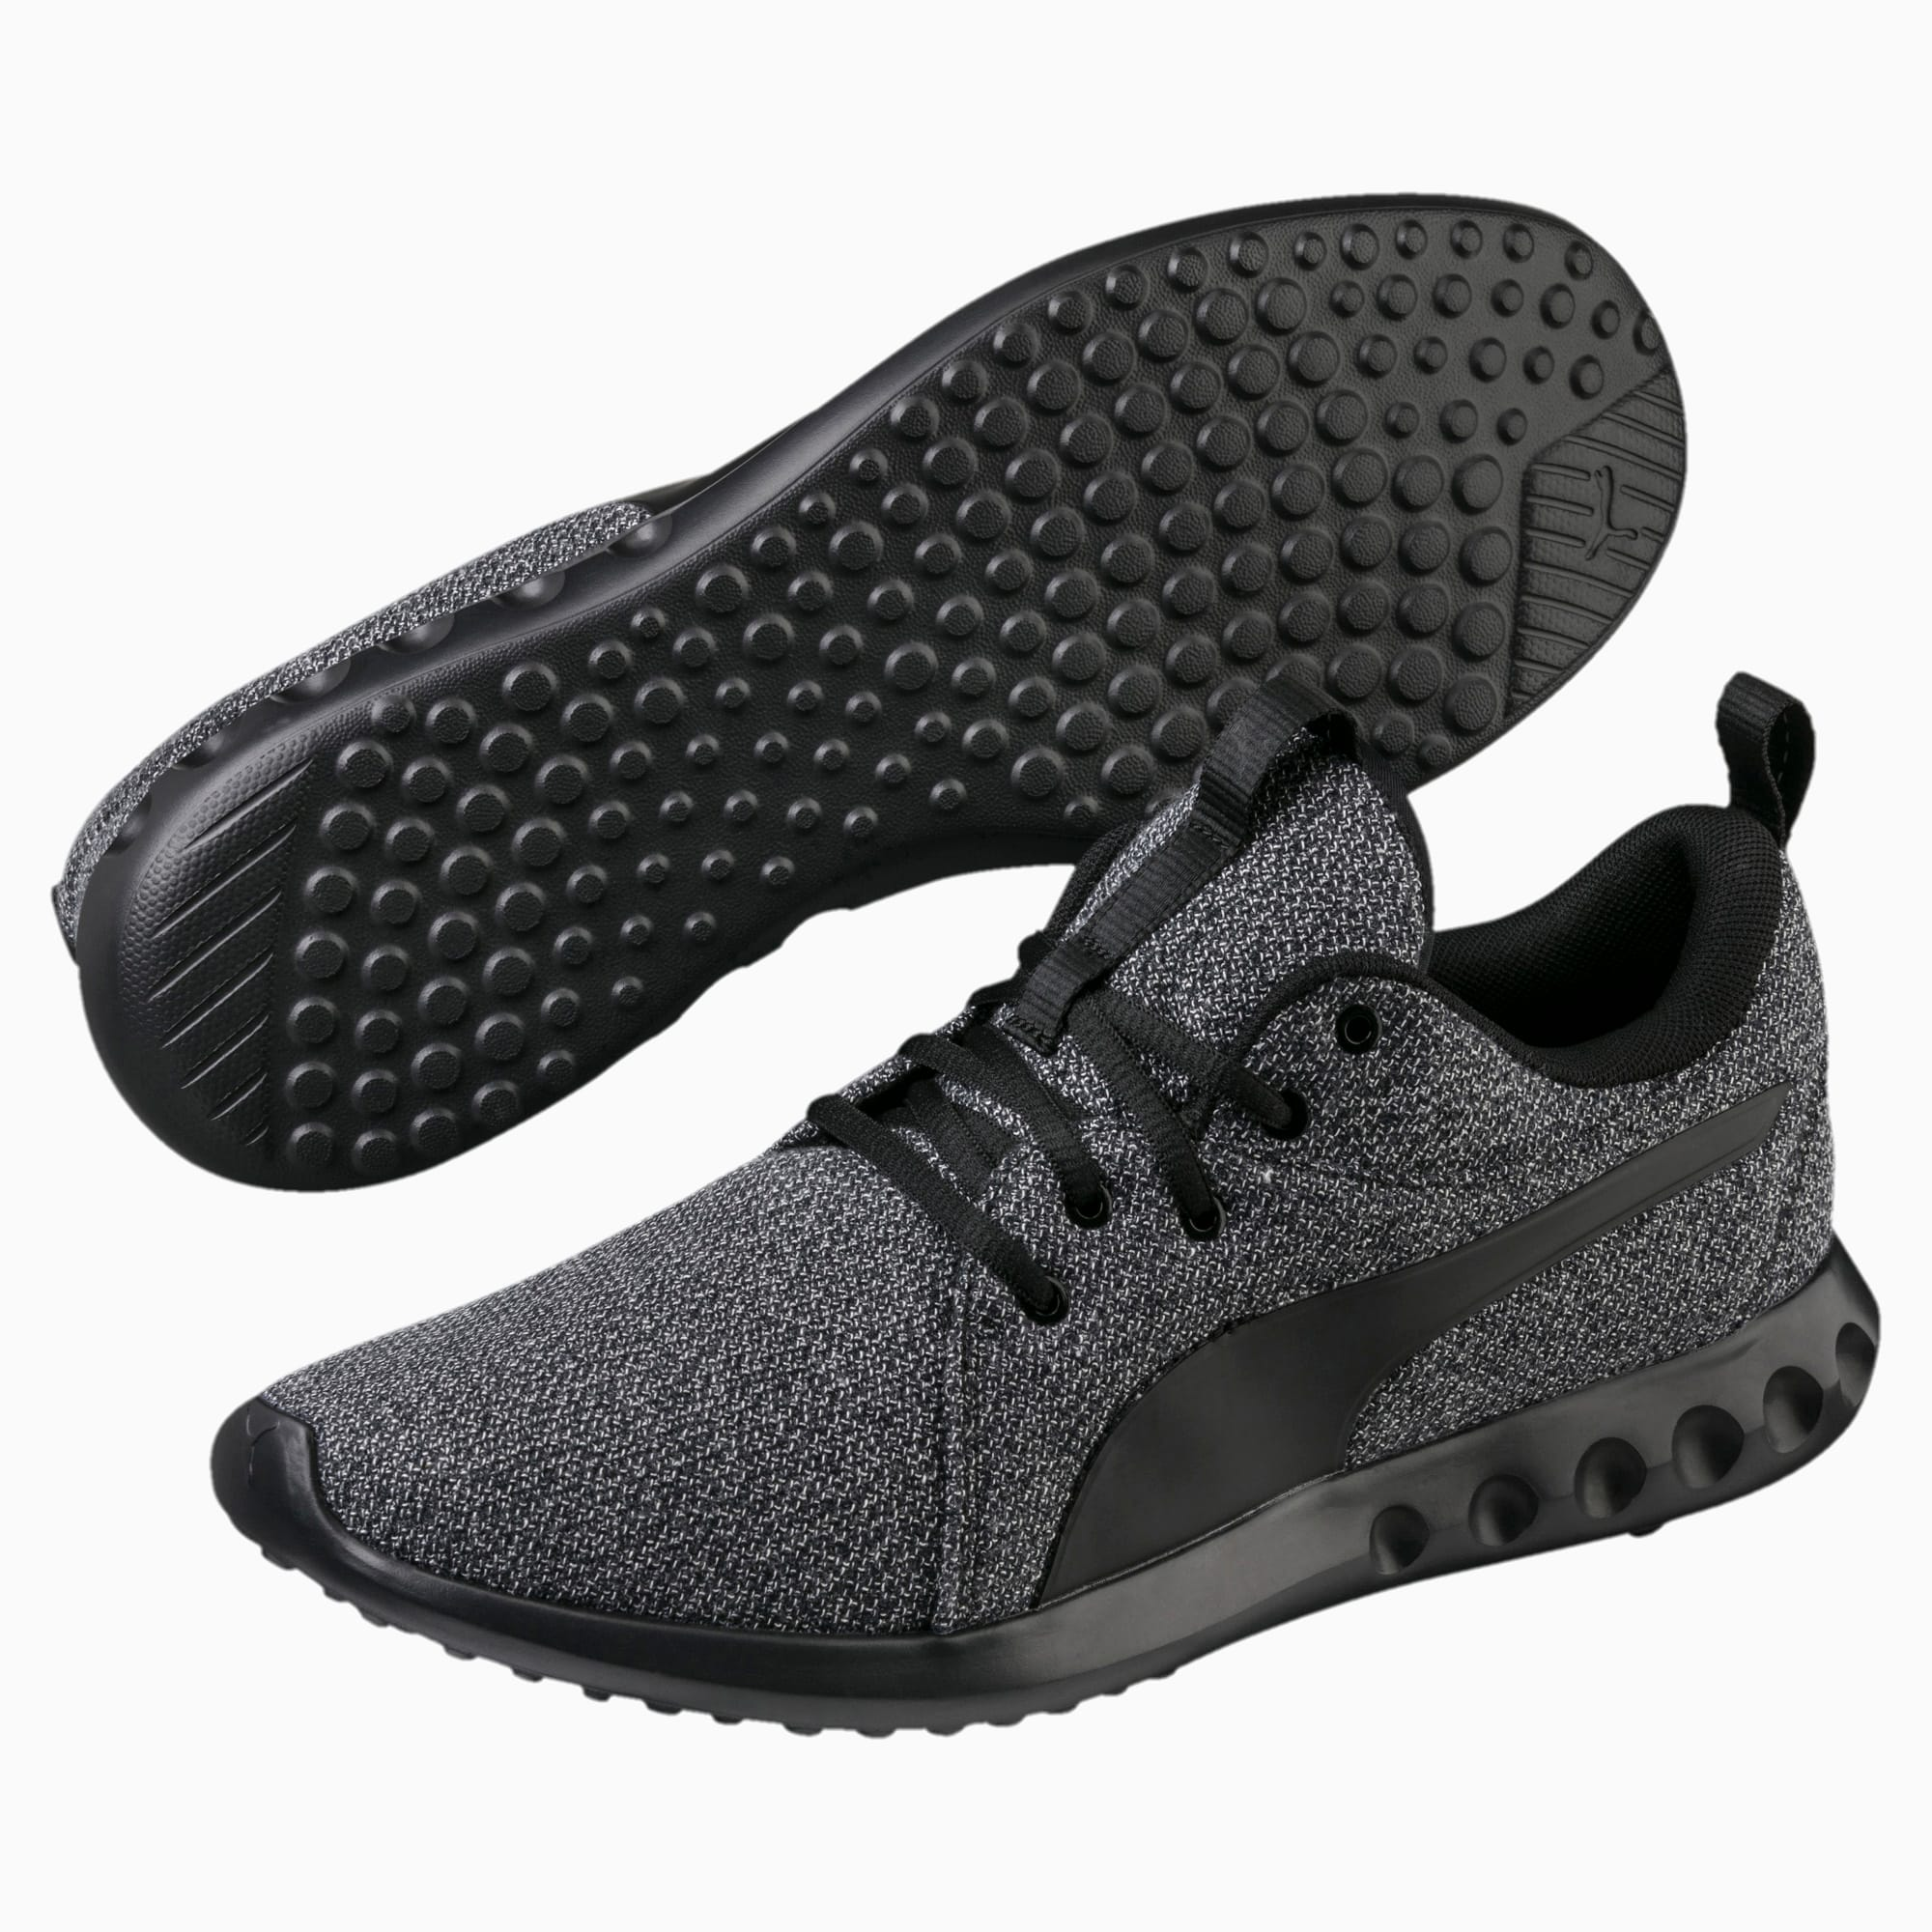 Carson 2 Knit Men's Training Shoes